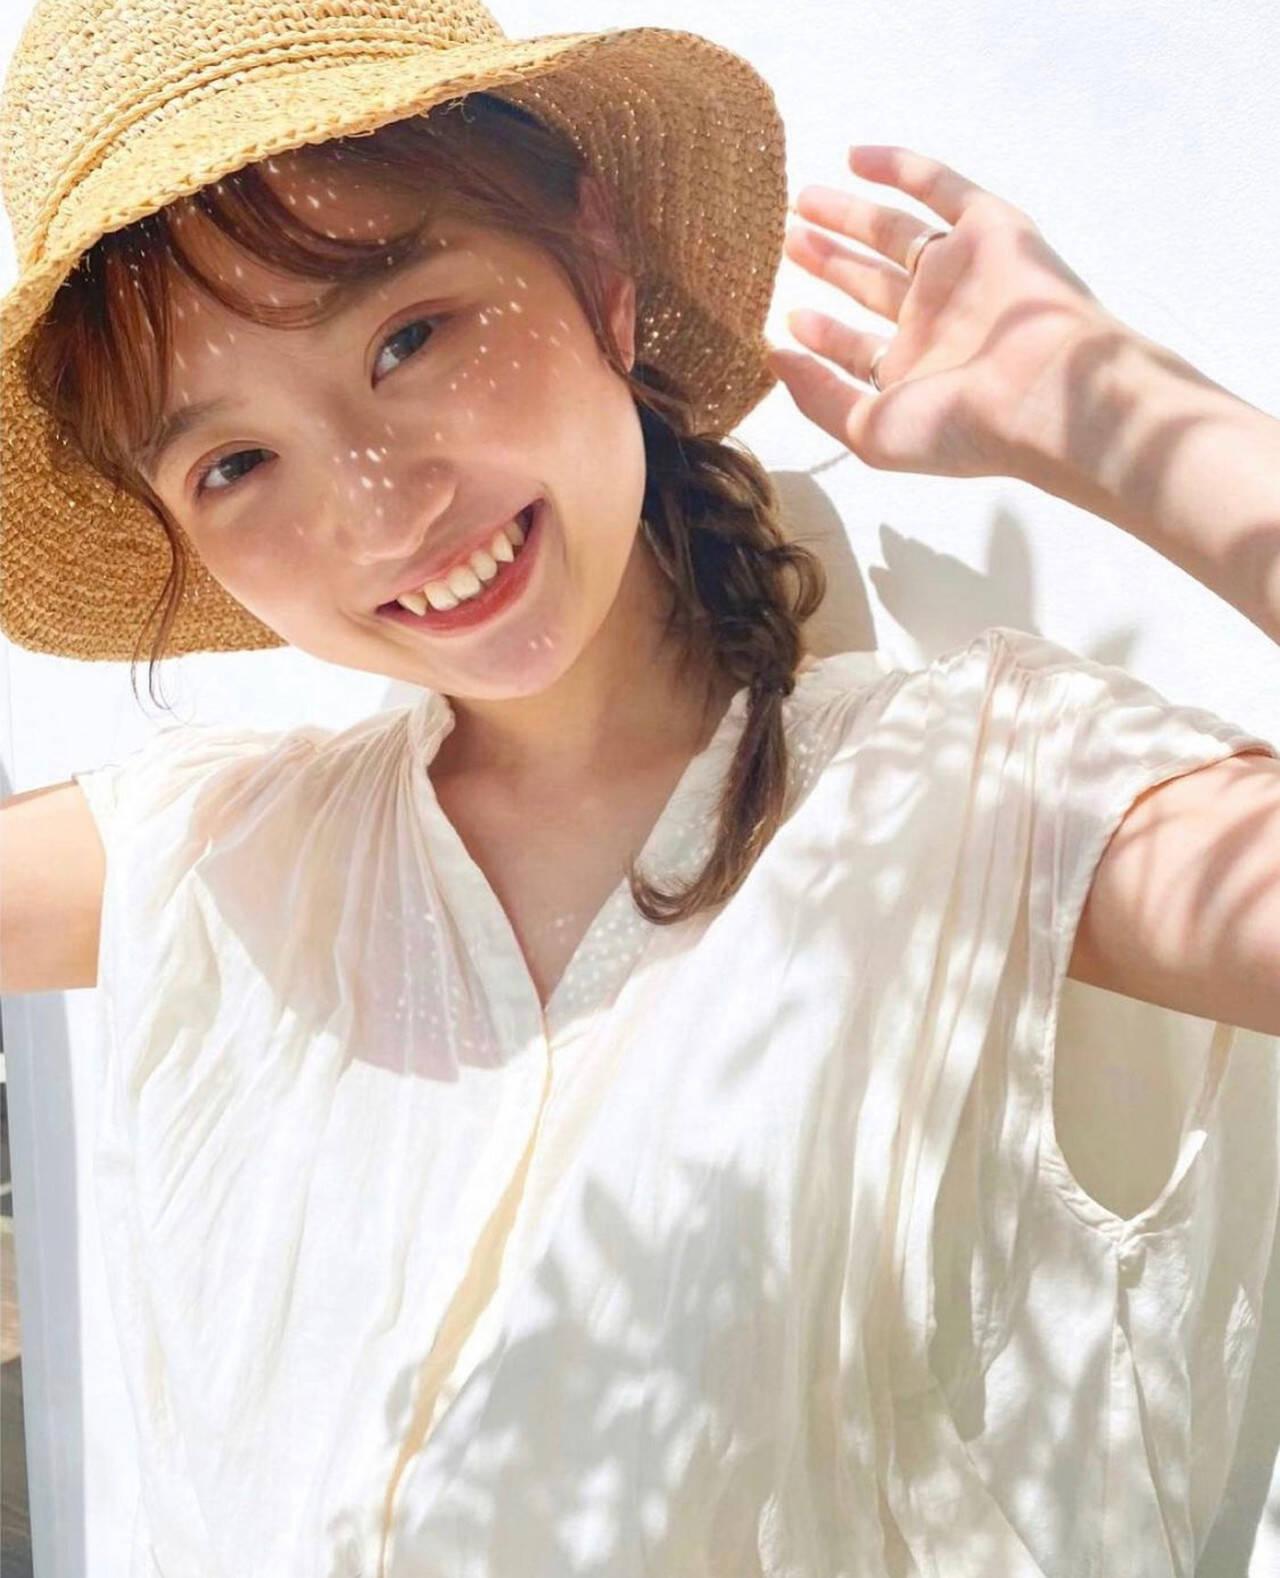 簡単ヘアアレンジ 帽子が似合う 麦わら帽子 ミディアムヘアスタイルや髪型の写真・画像